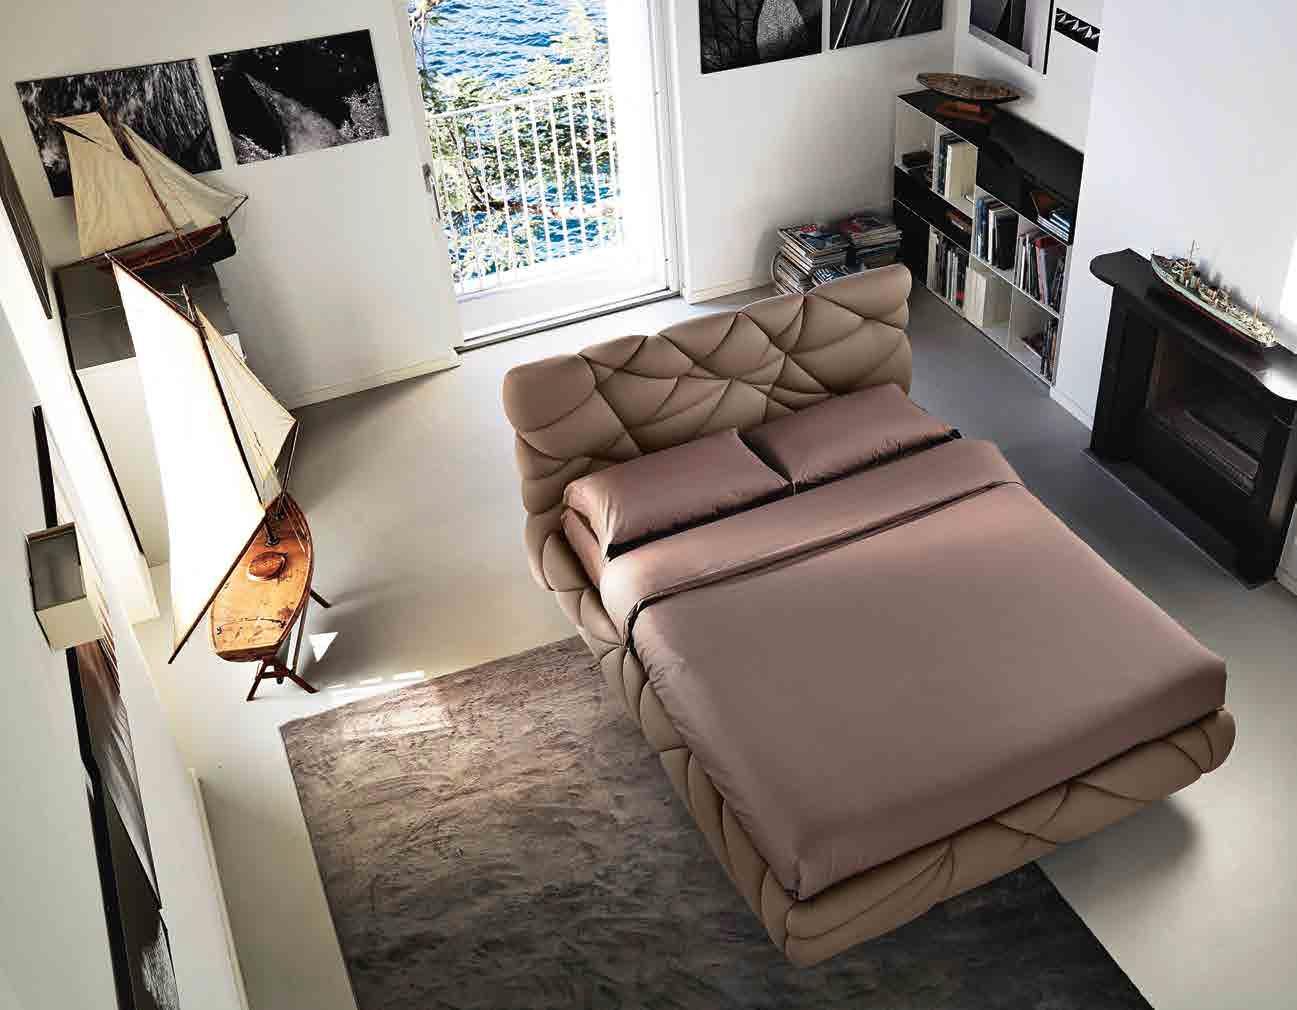 cabeceros-tapizados-general-muebles-paco-caballero-1811-5cdfdffb58f9e